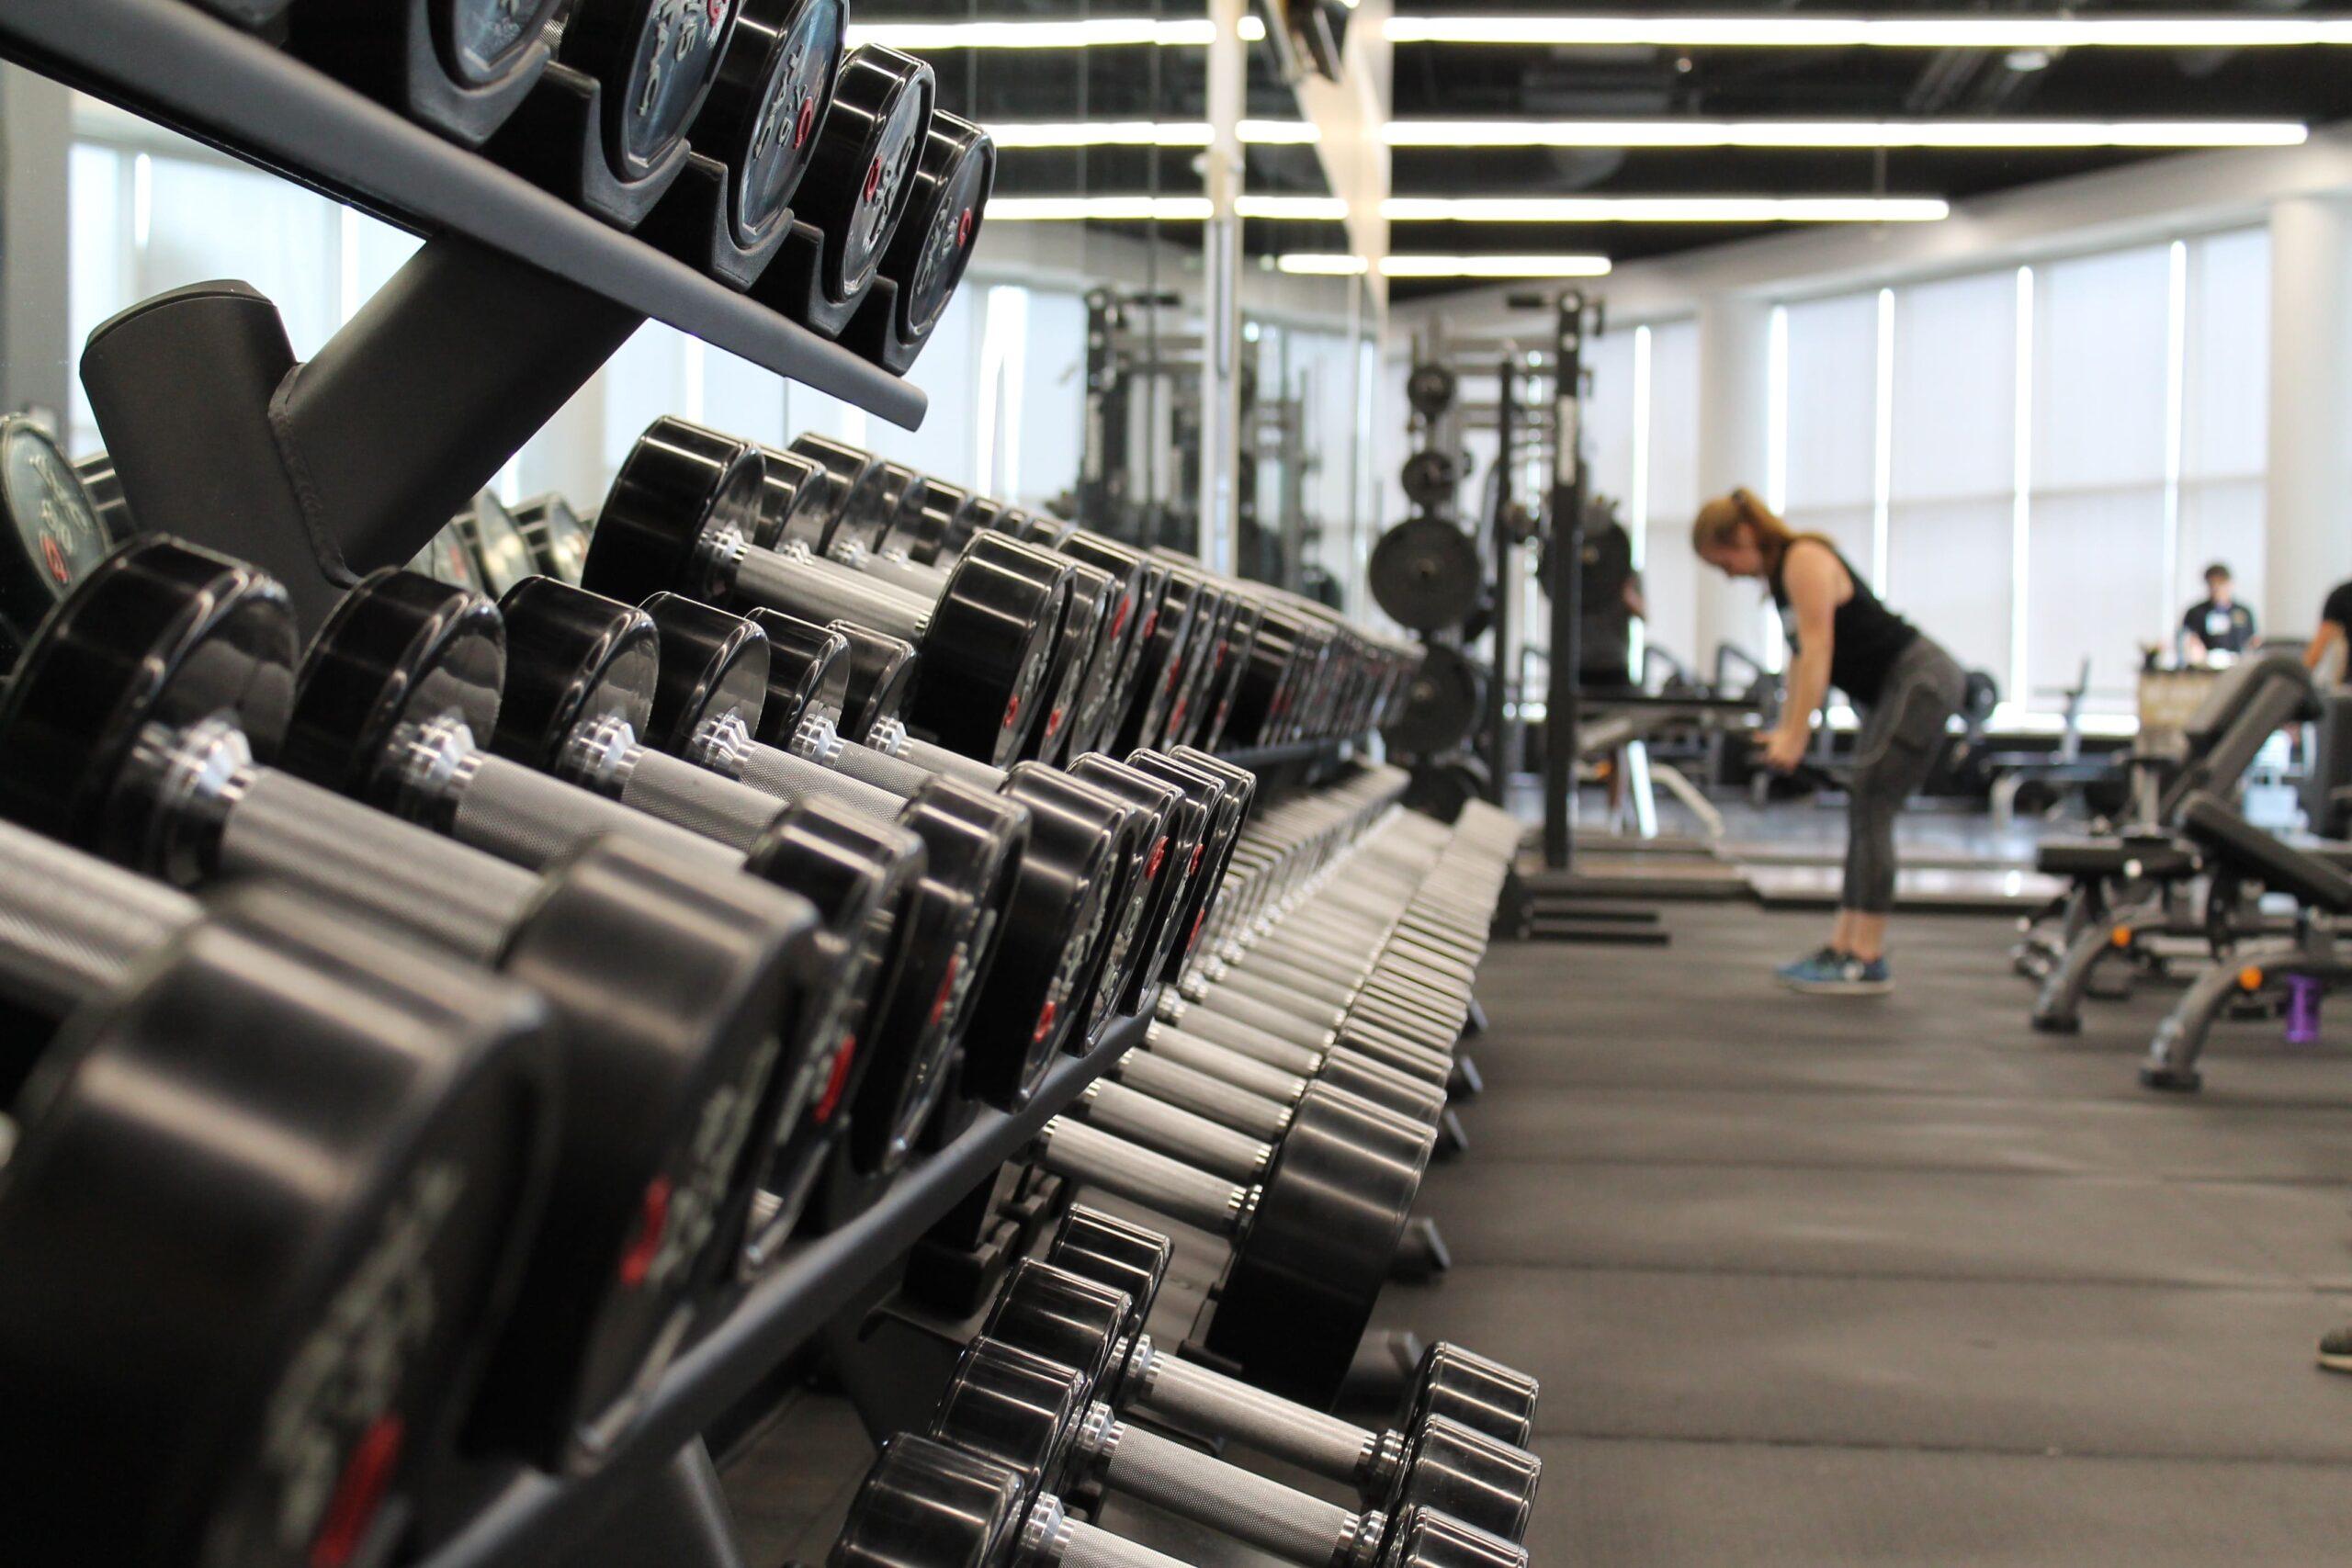 beste fitnesstoestellen voor thuis